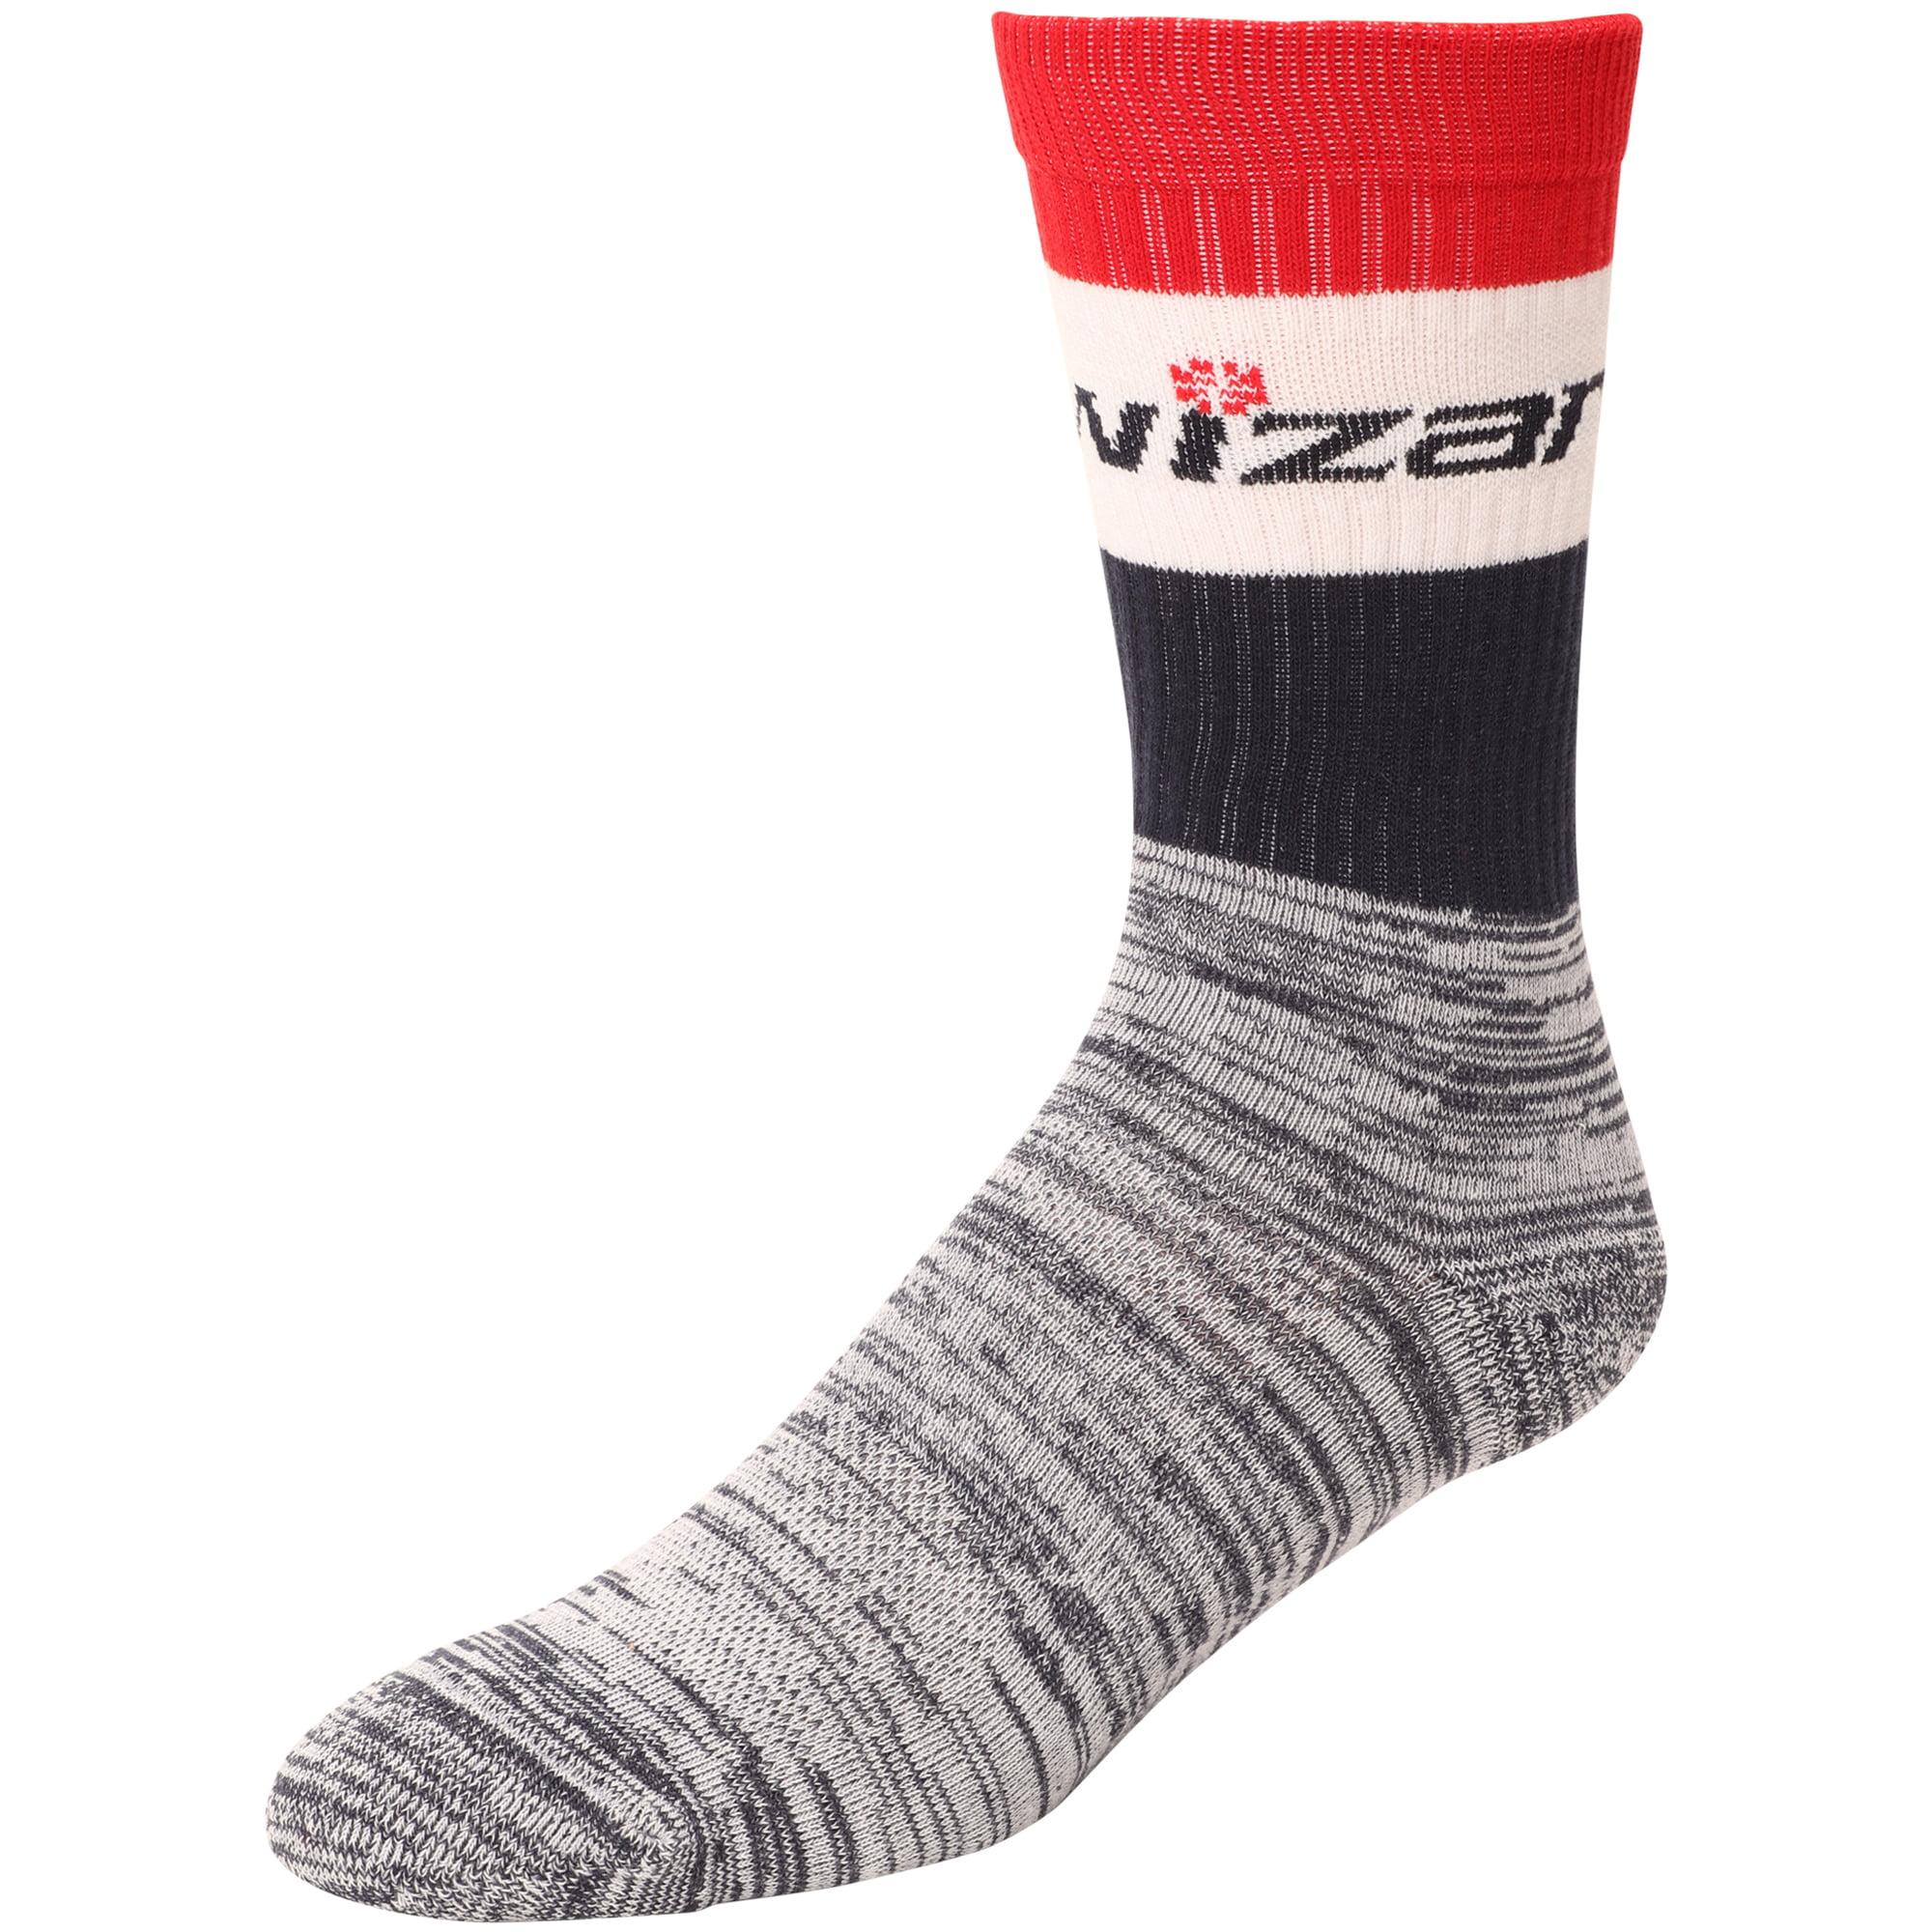 Washington Wizards Block Crew Socks - L